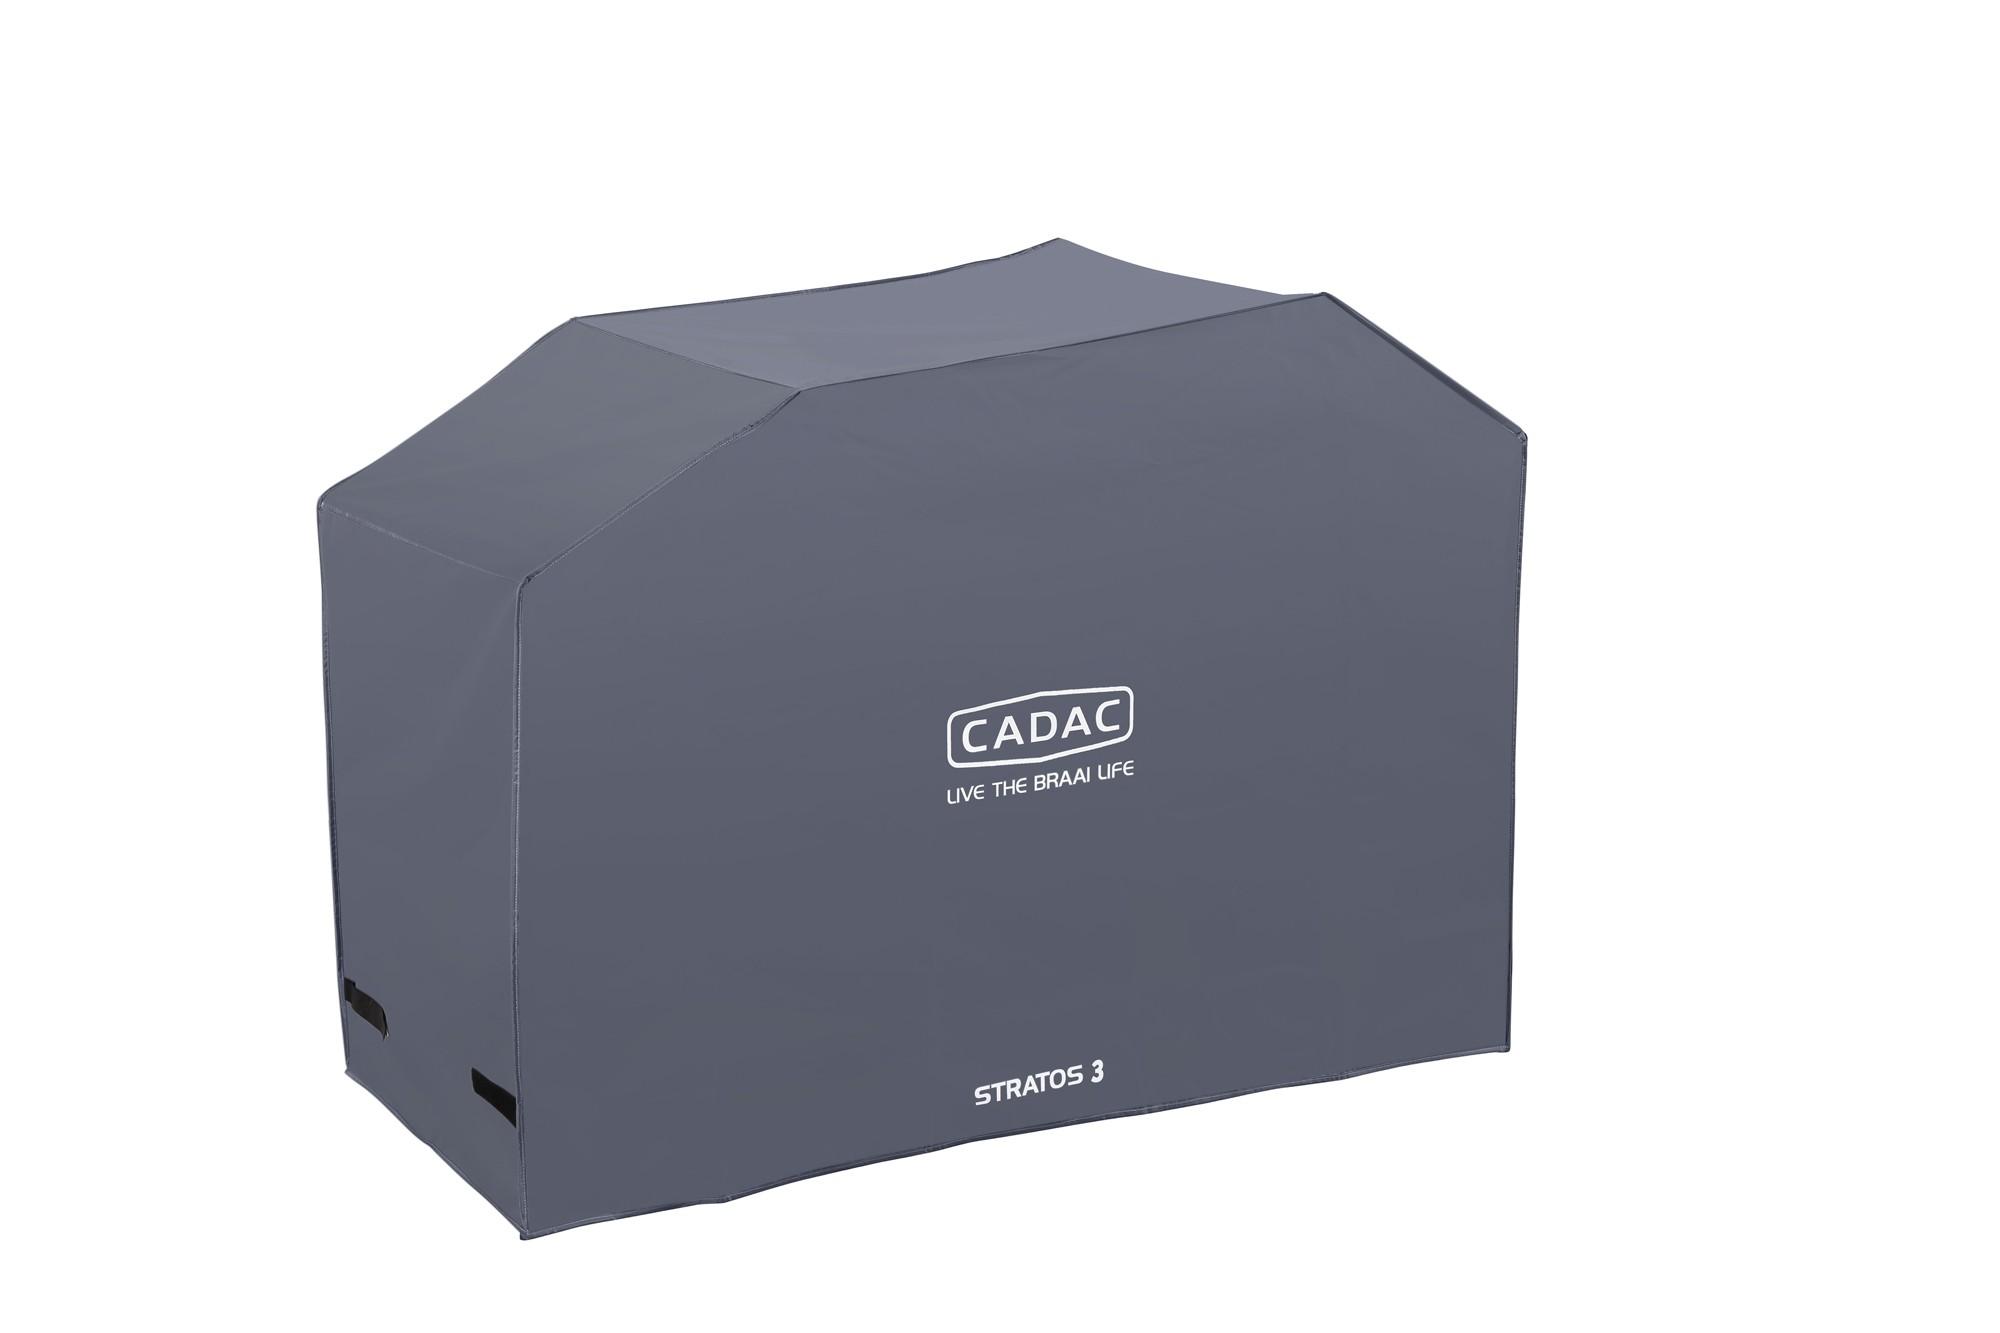 CADAC Abdeckhaube / Schutzhülle für Gasgrill Stratos 3 Brenner Bild 2